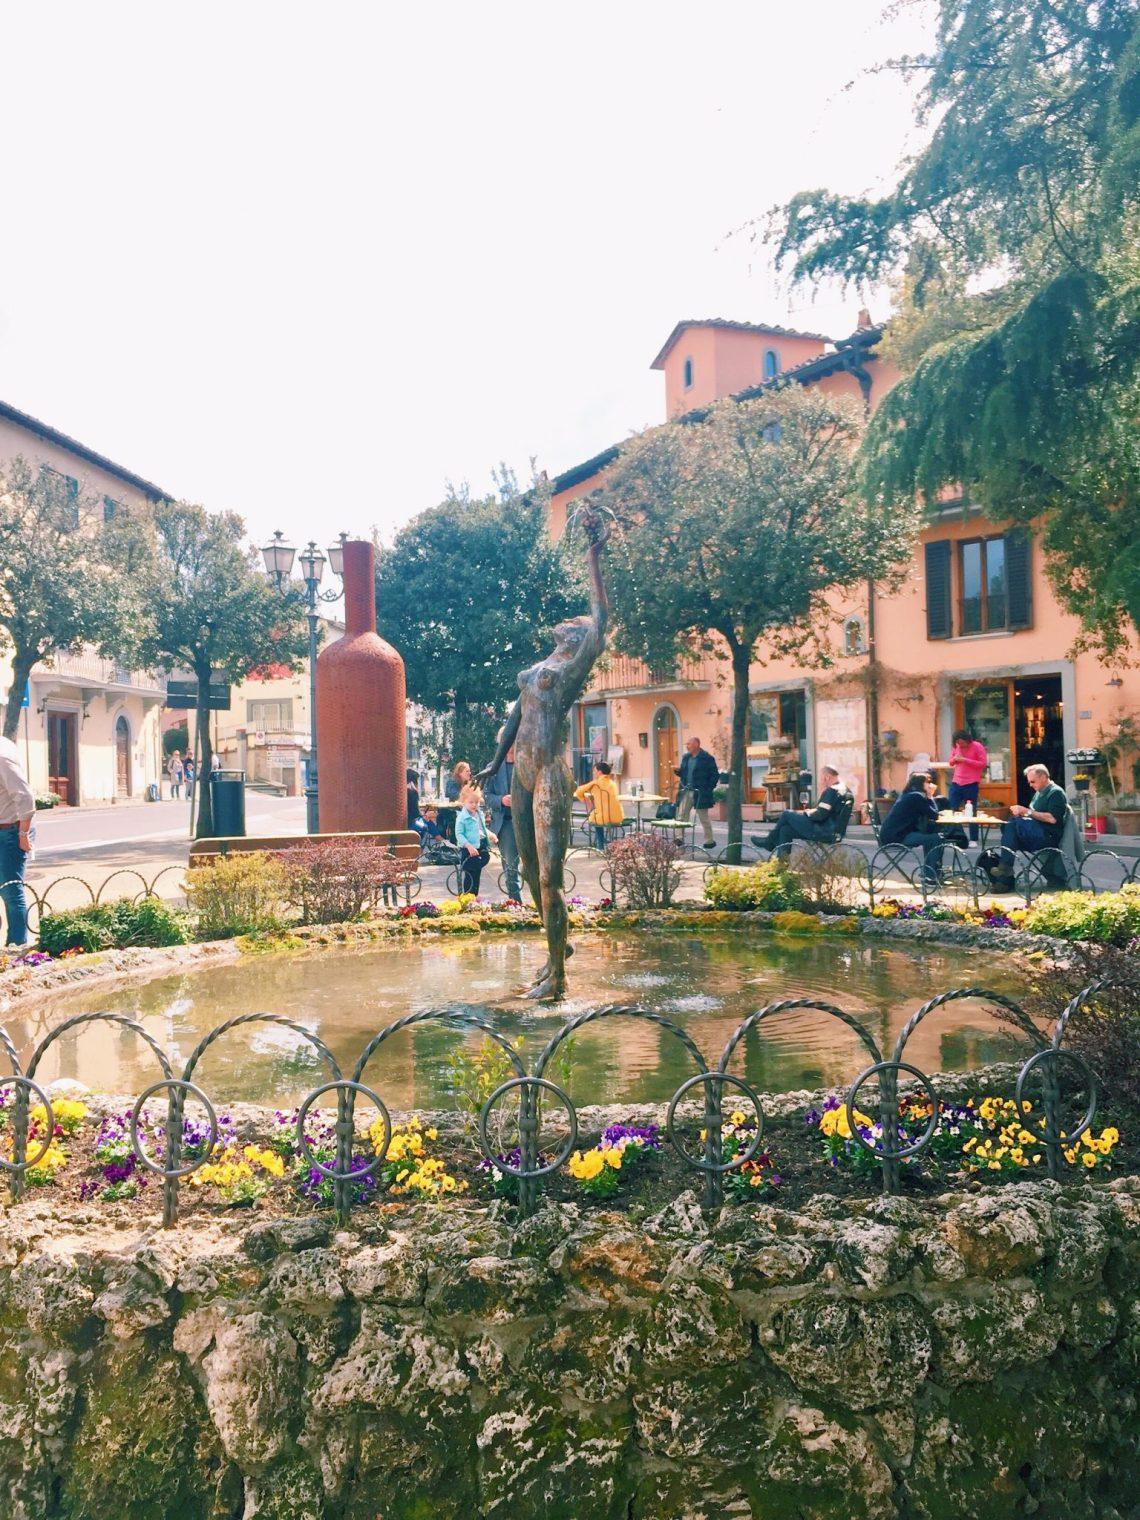 Panzano, Italy